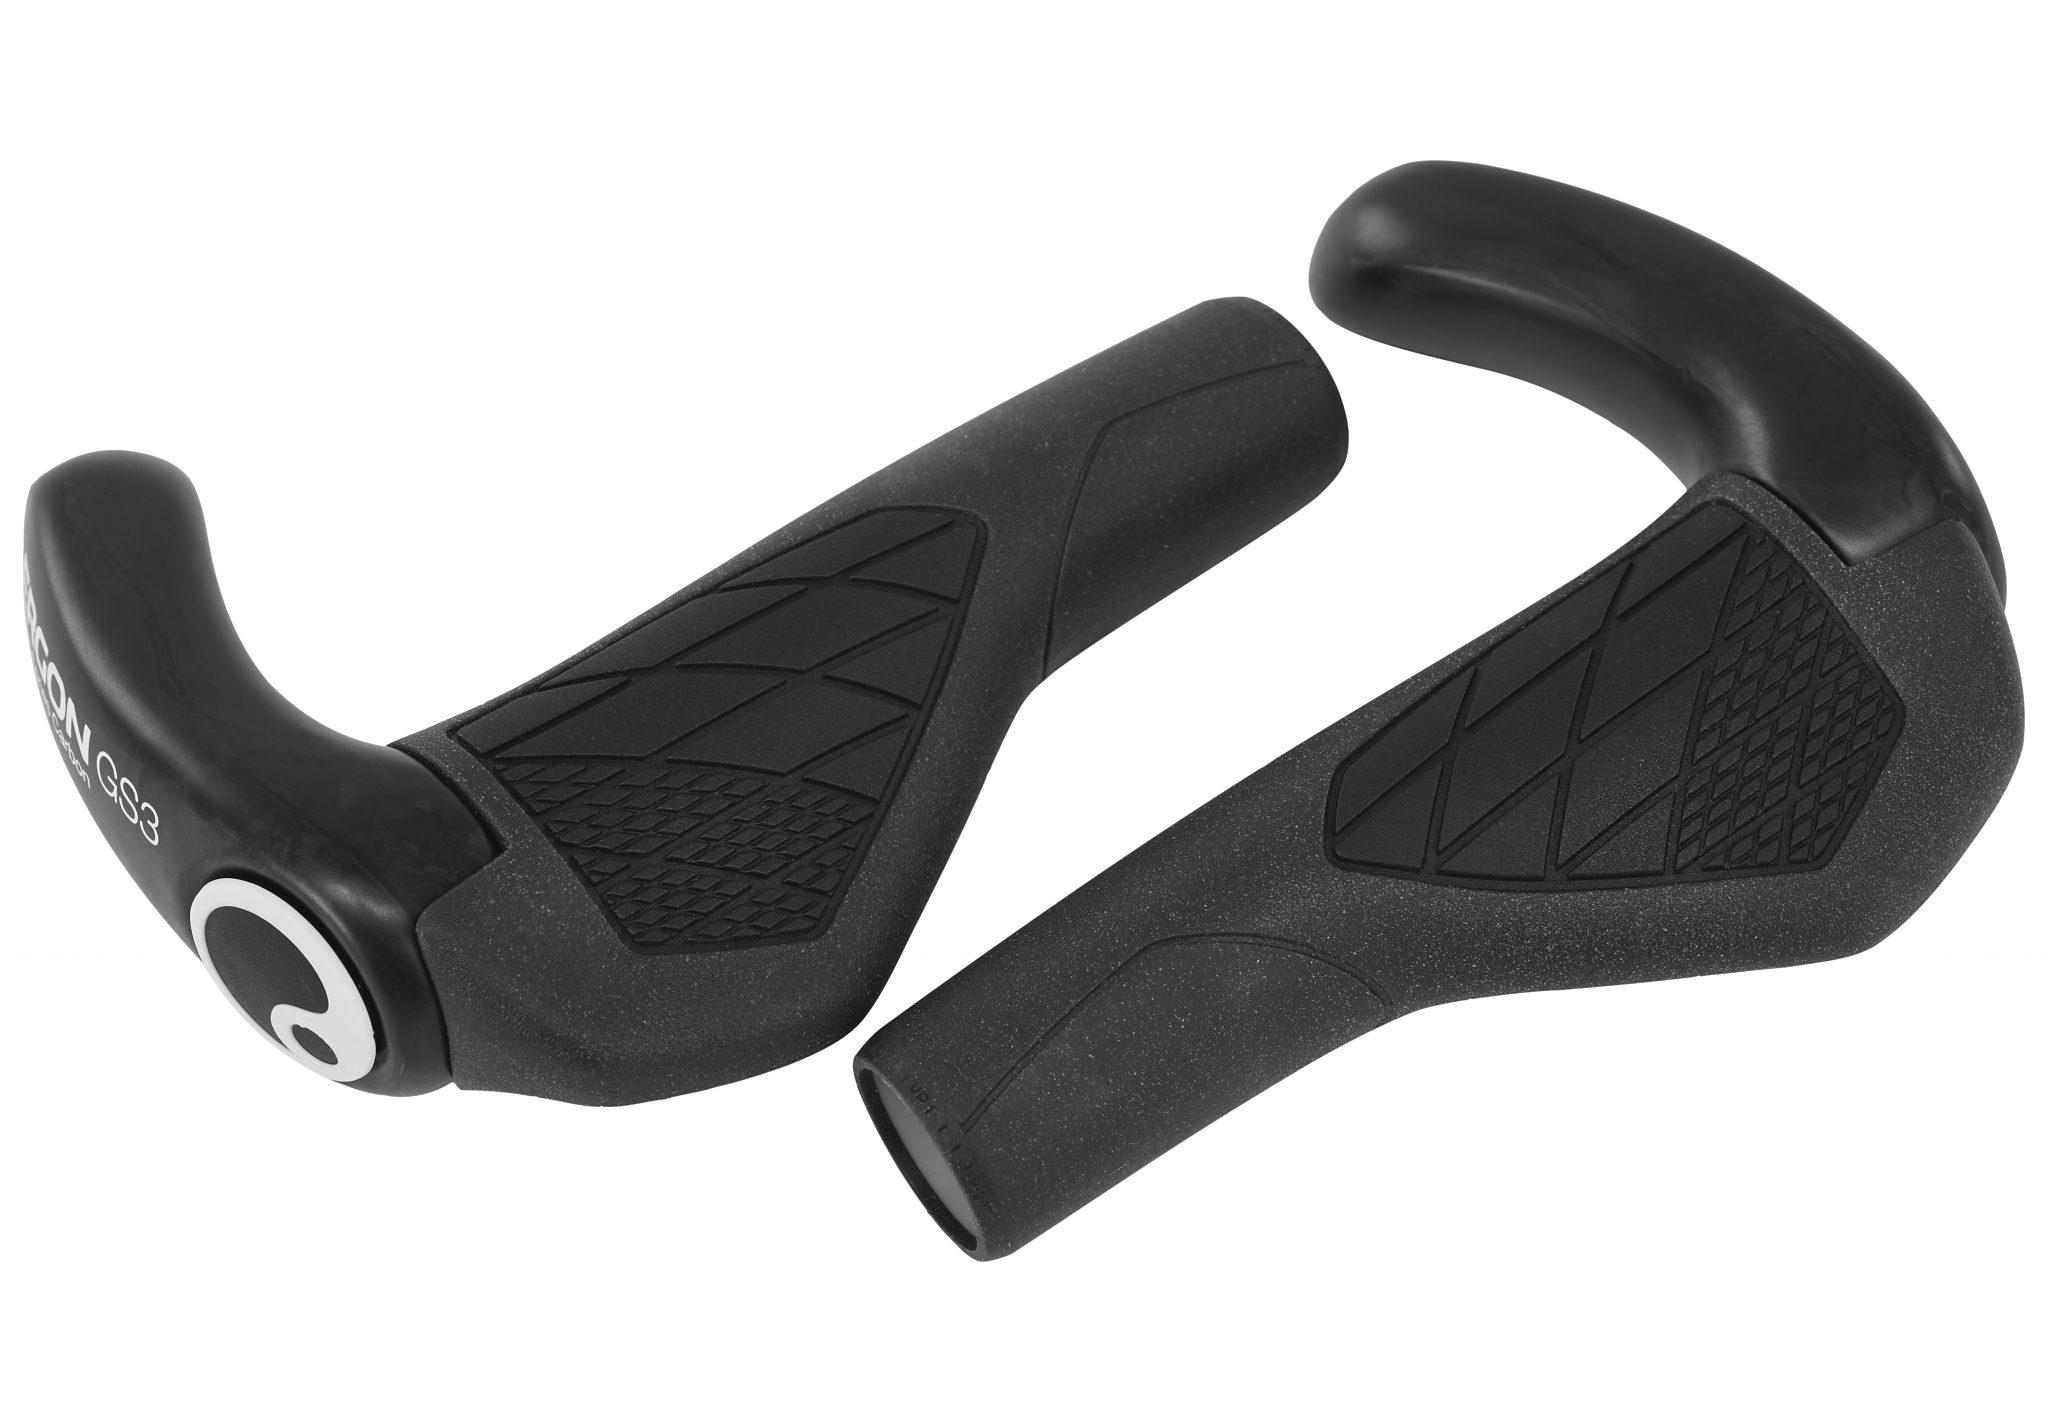 Ergon Fahrradgriff »GS3 Carbon Griffe«